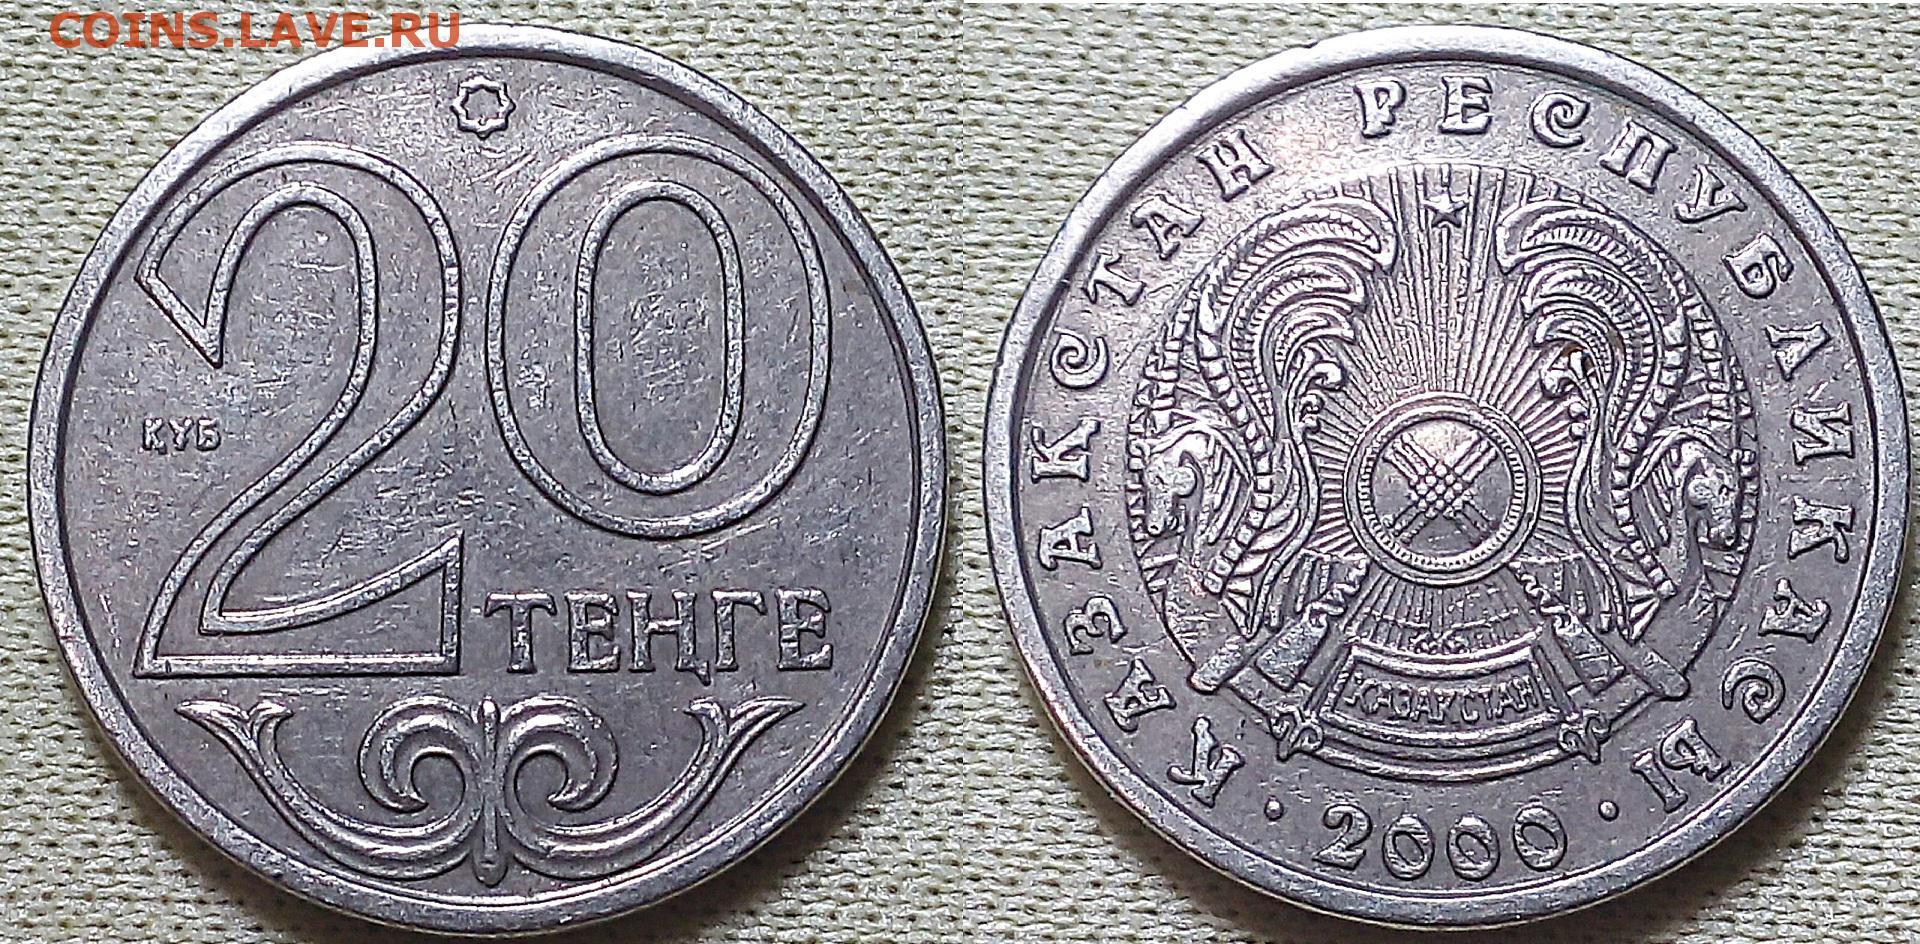 20 тенге 2000 года банкноты 1947 года цена